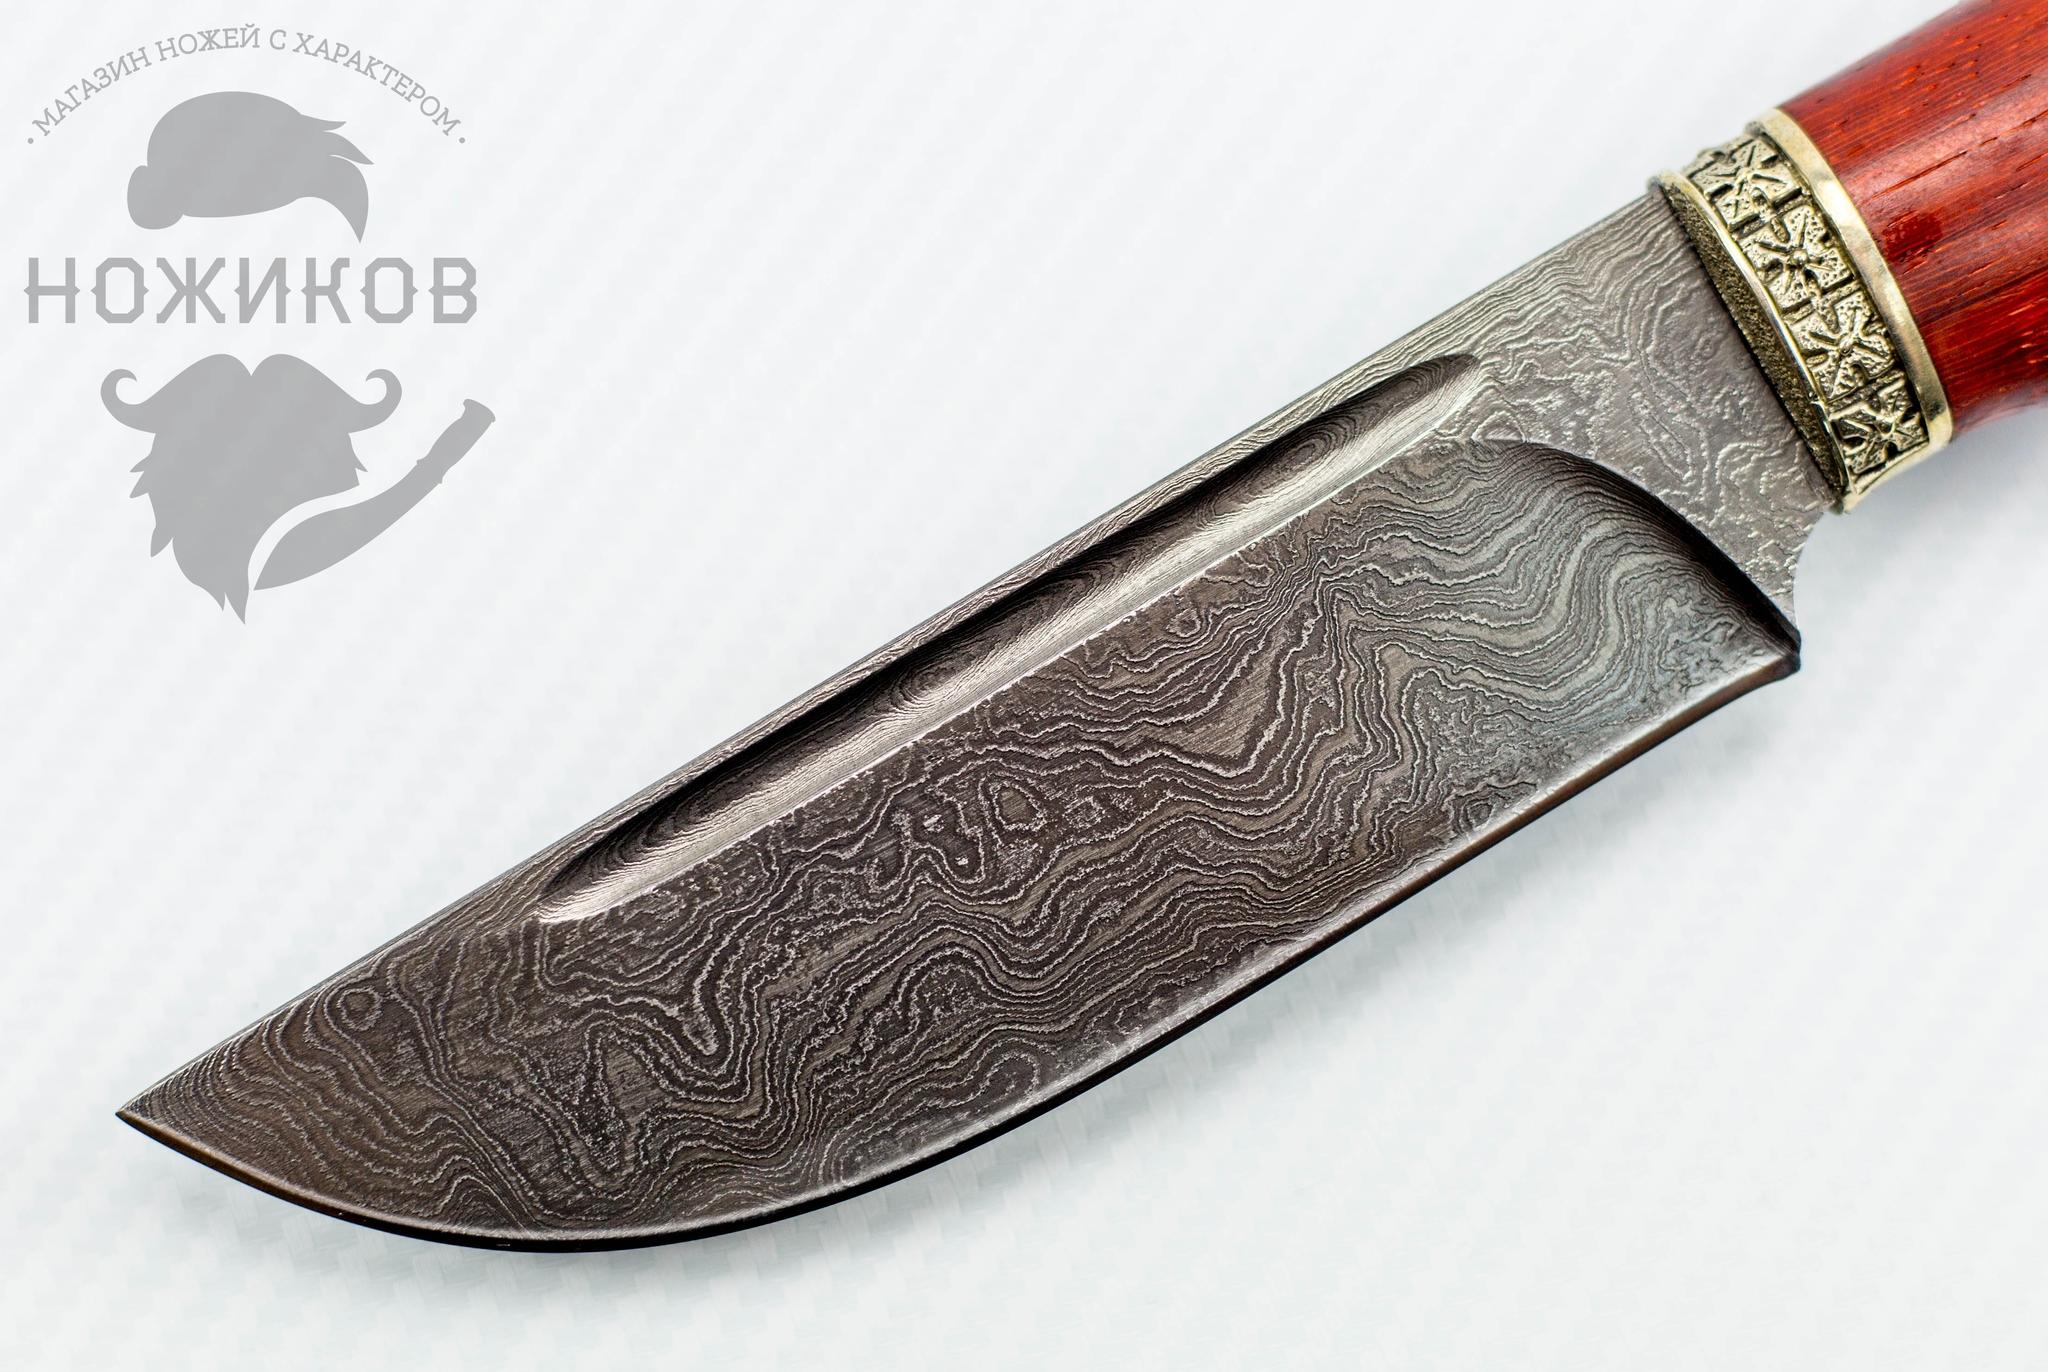 Фото 7 - Авторский Нож из Дамаска №80, Кизляр от Noname